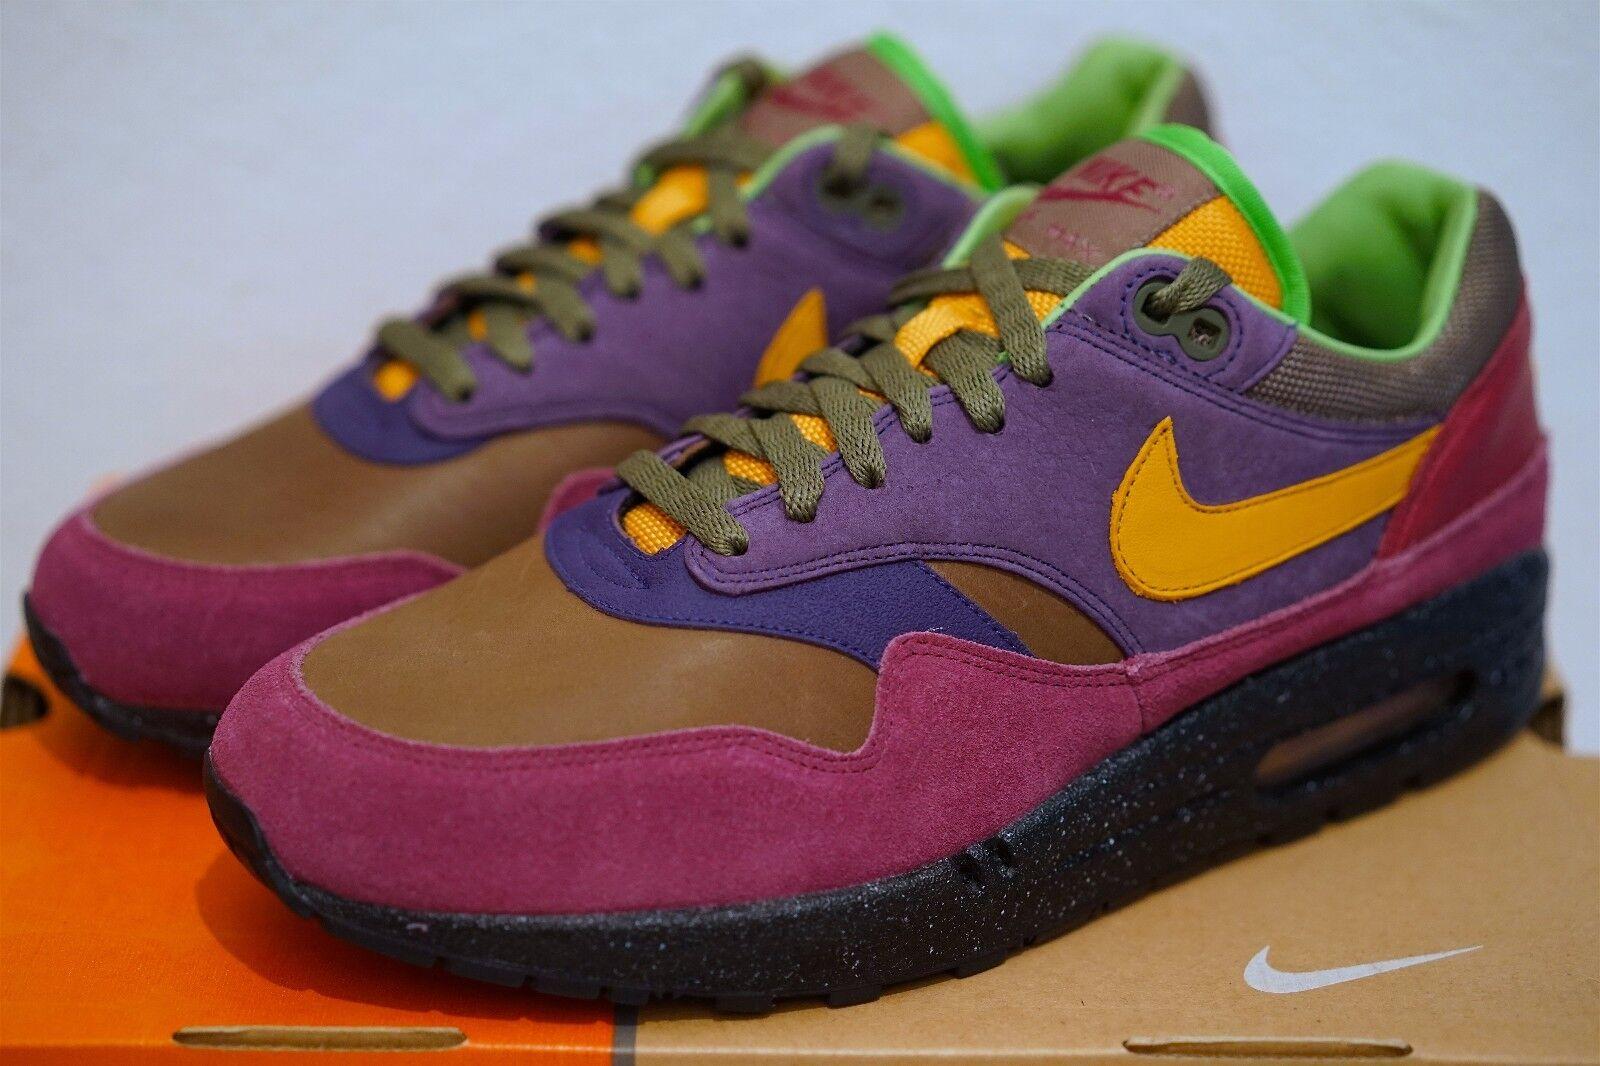 Nike Air Max 1 Premium Huarache Pack 2006 Gr. 43 Terra 180 Atmos Elephant Patta